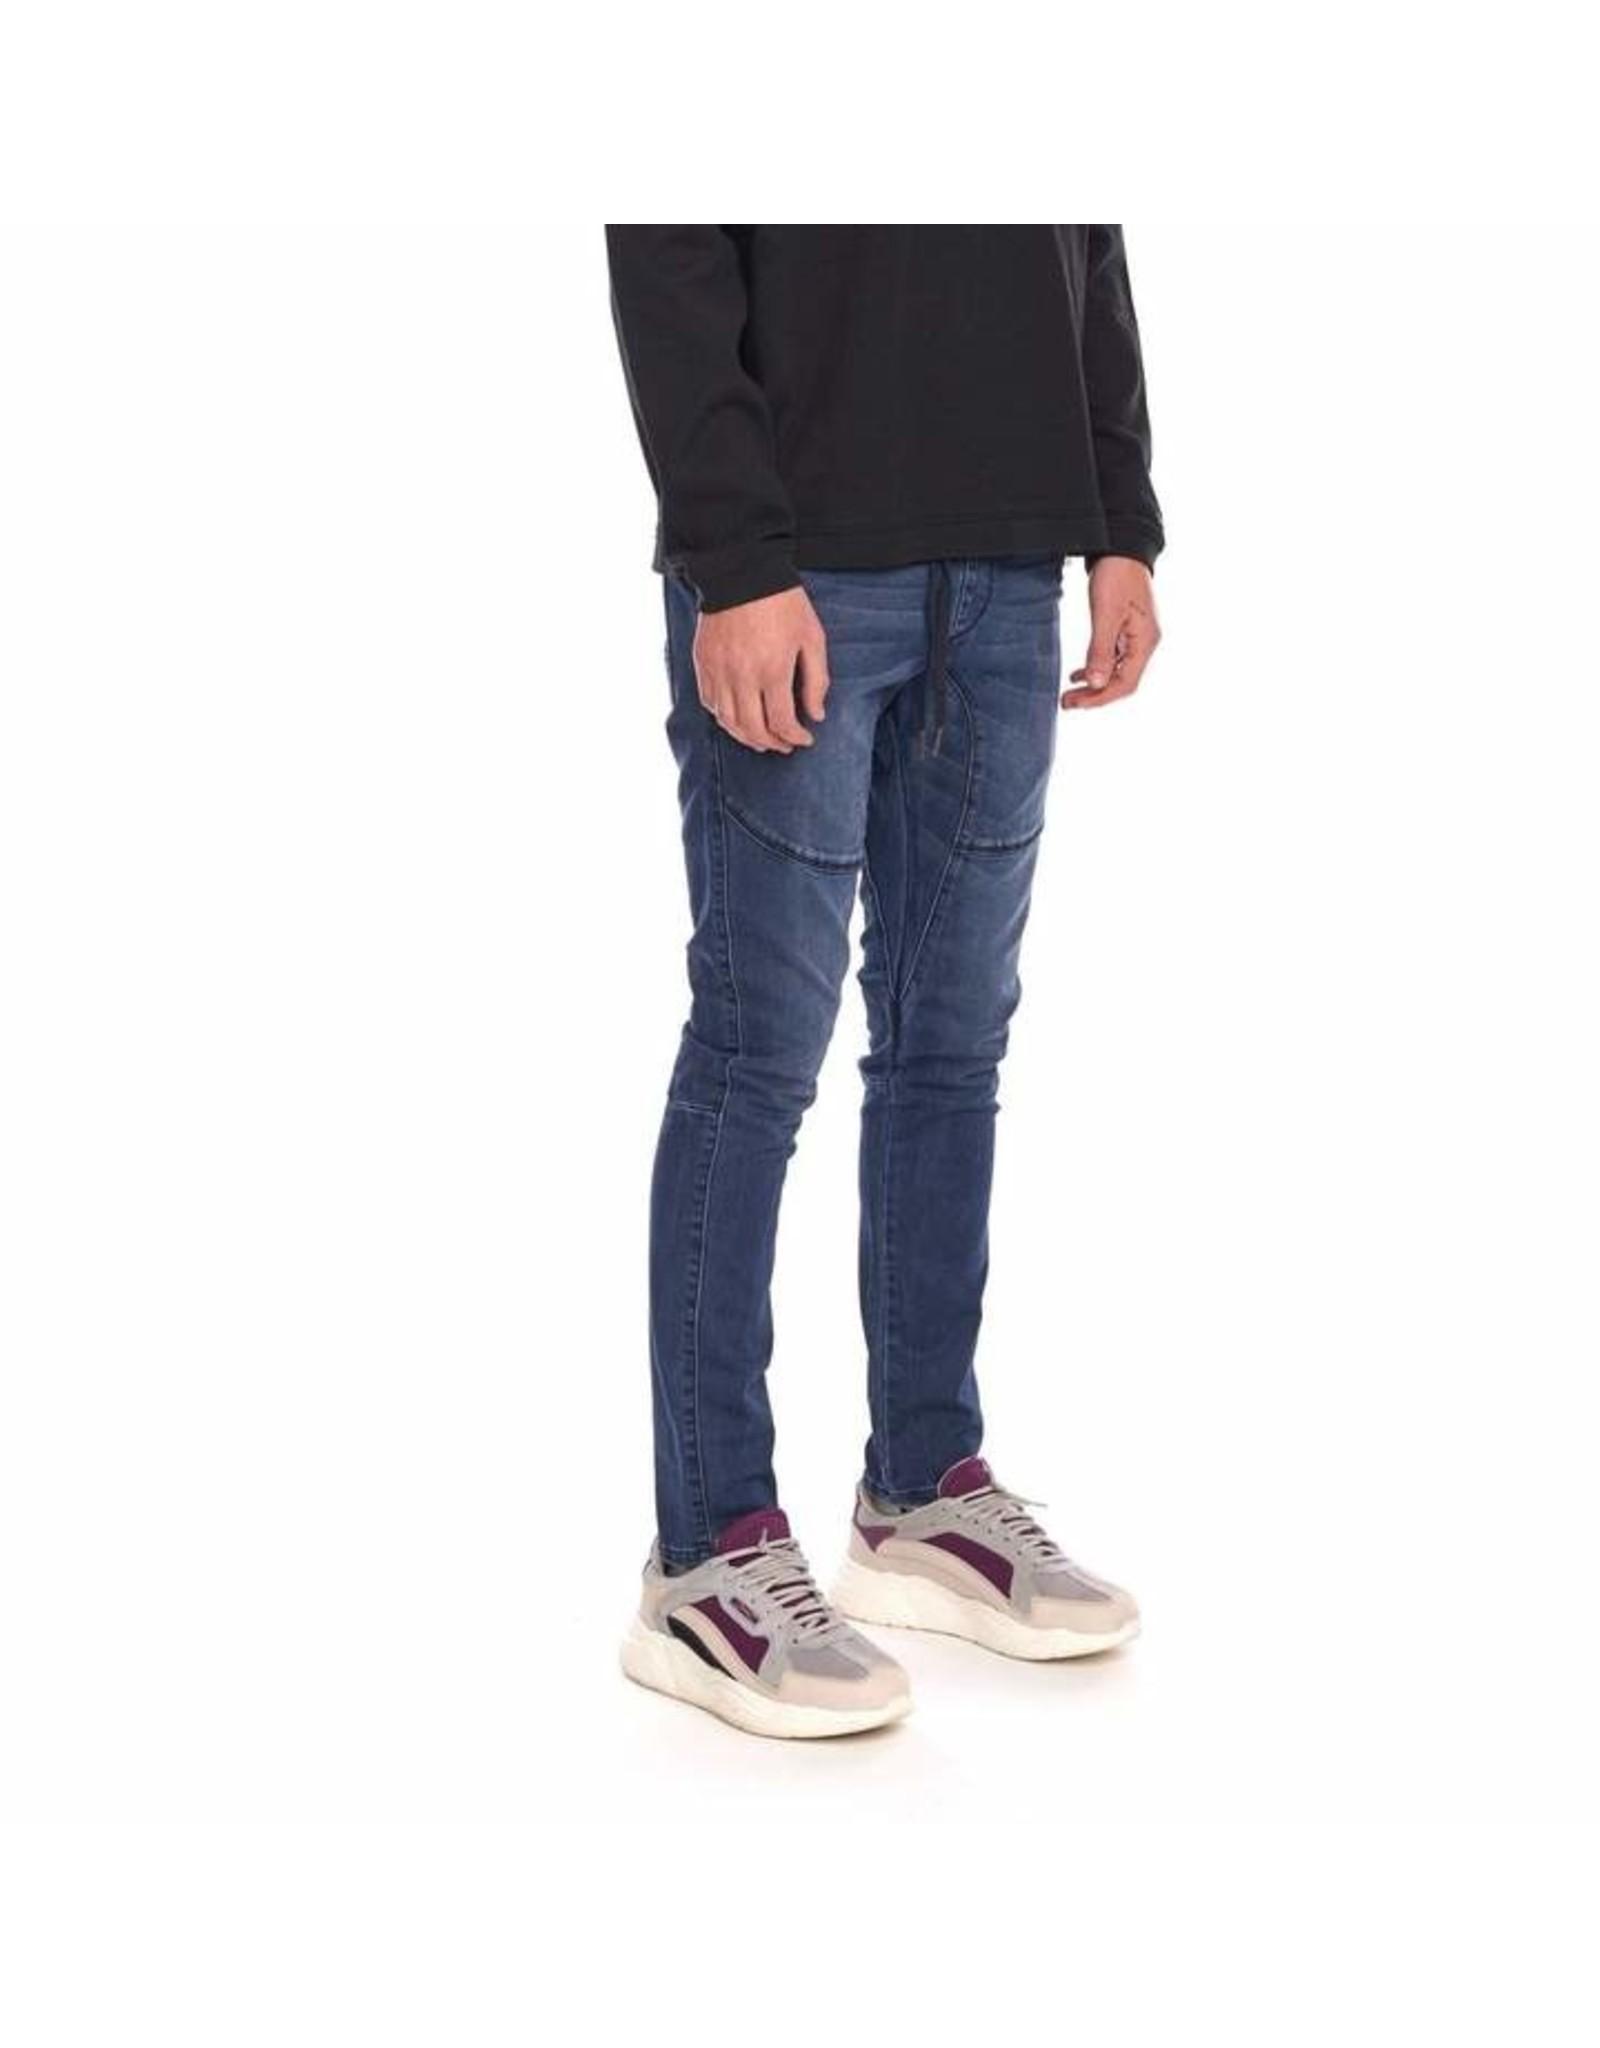 Kuwallatee Knit Denim trouser